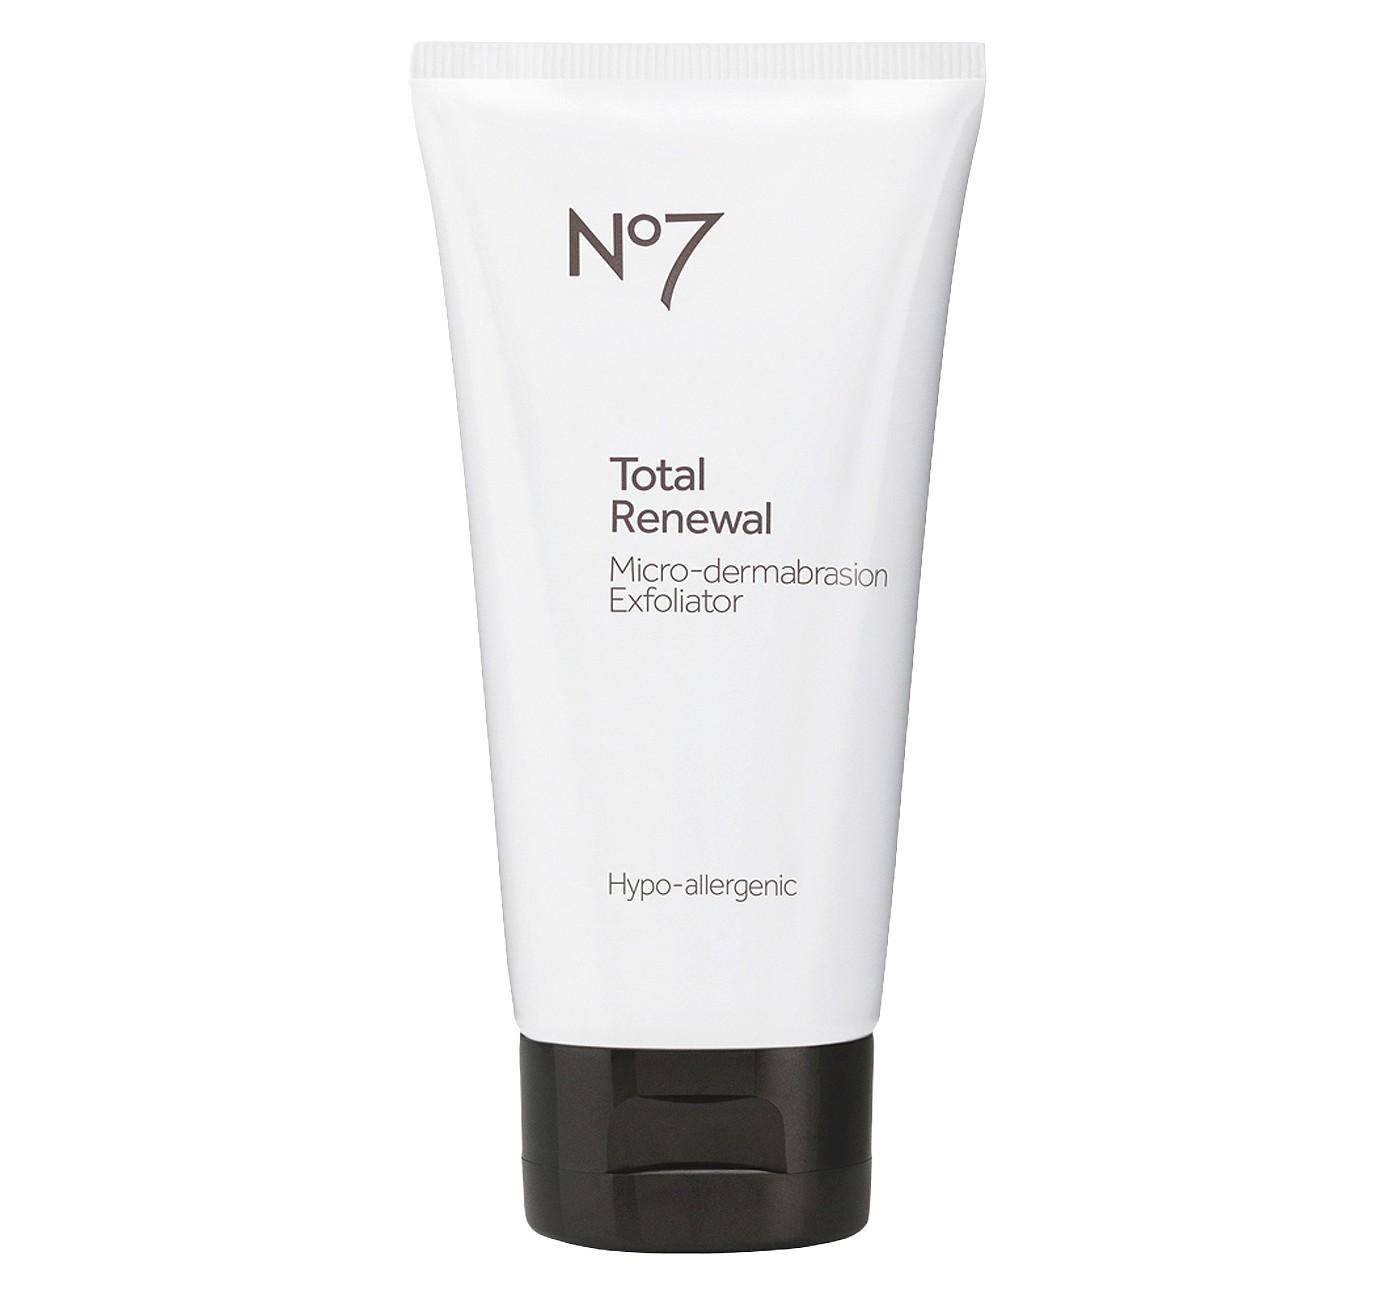 No7® Total Renewal Micro-Dermabrasion Exfoliator - 2.5oz - image 1 of 1